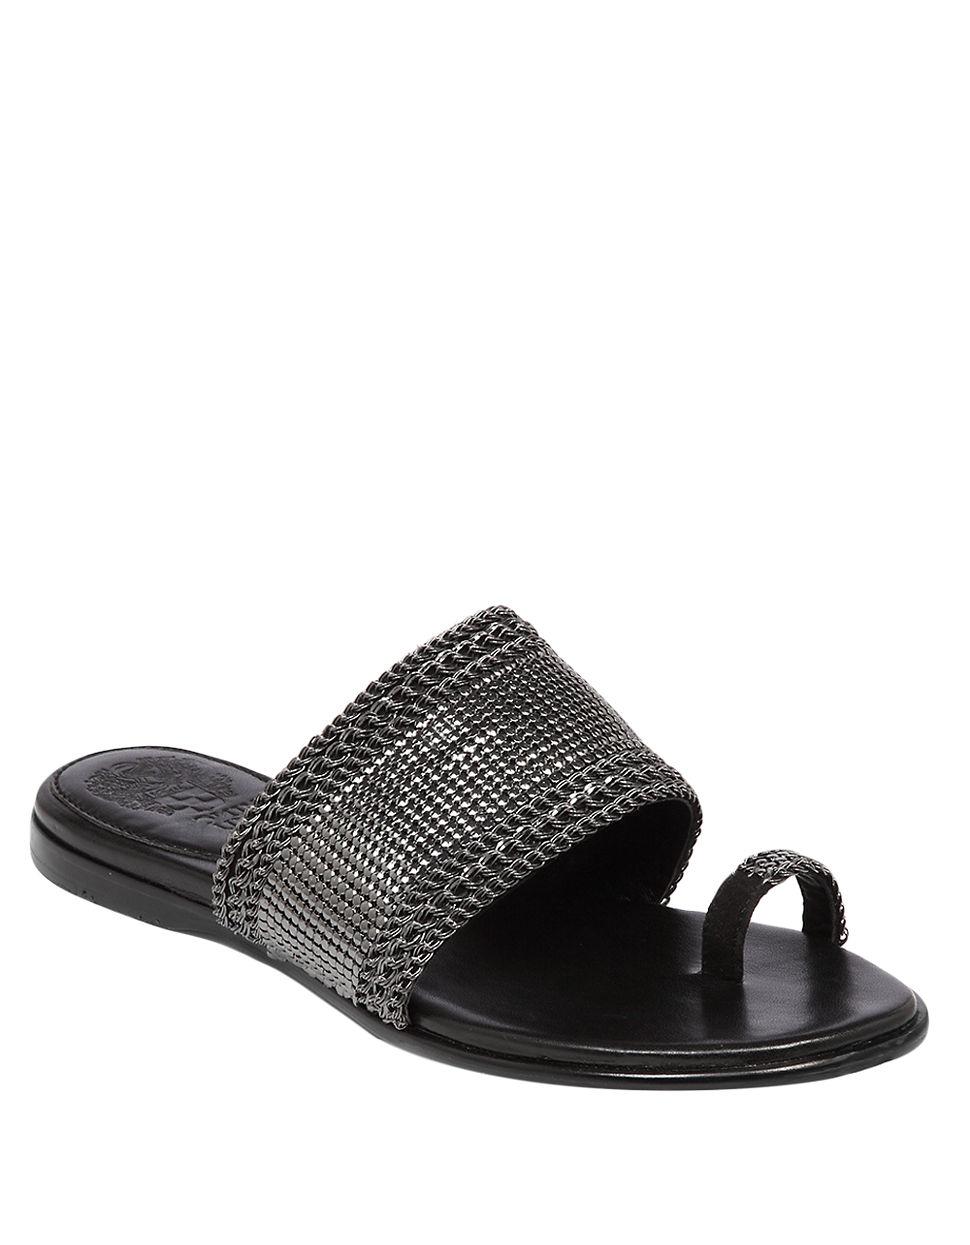 Vince Camuto Amalie Metal Slide Sandals In Black Lyst